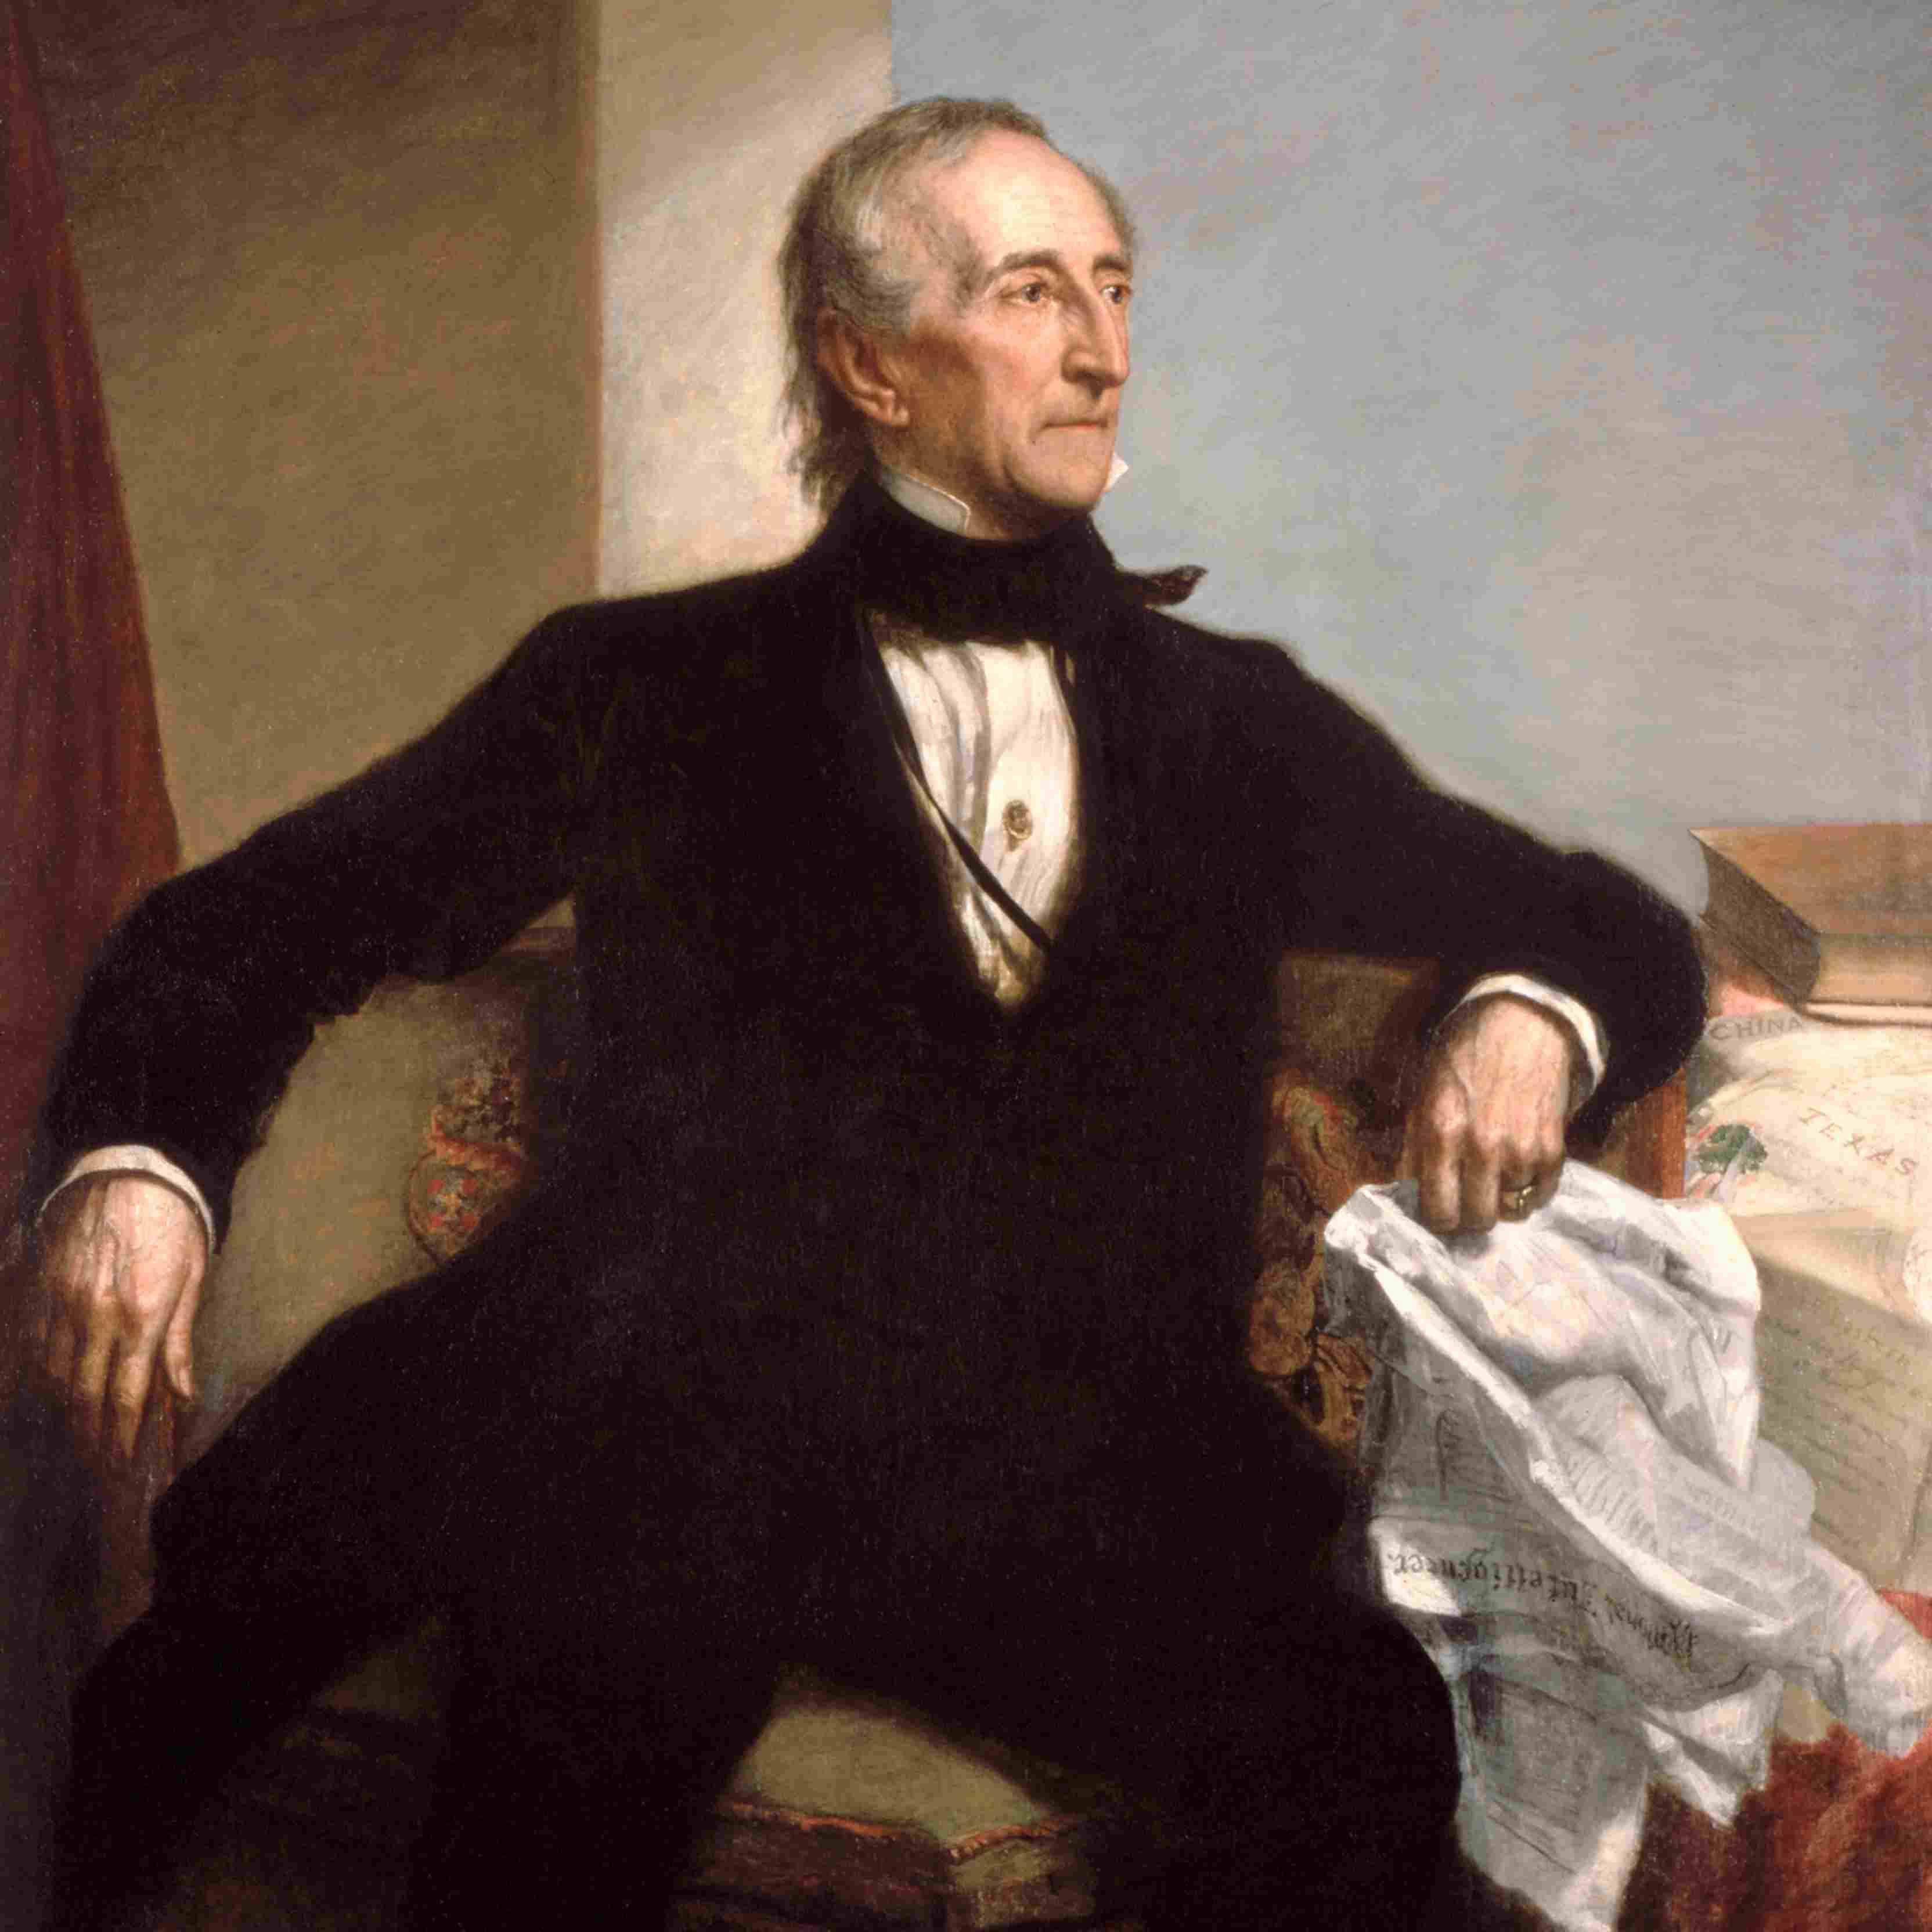 Portrait of president John Tyler